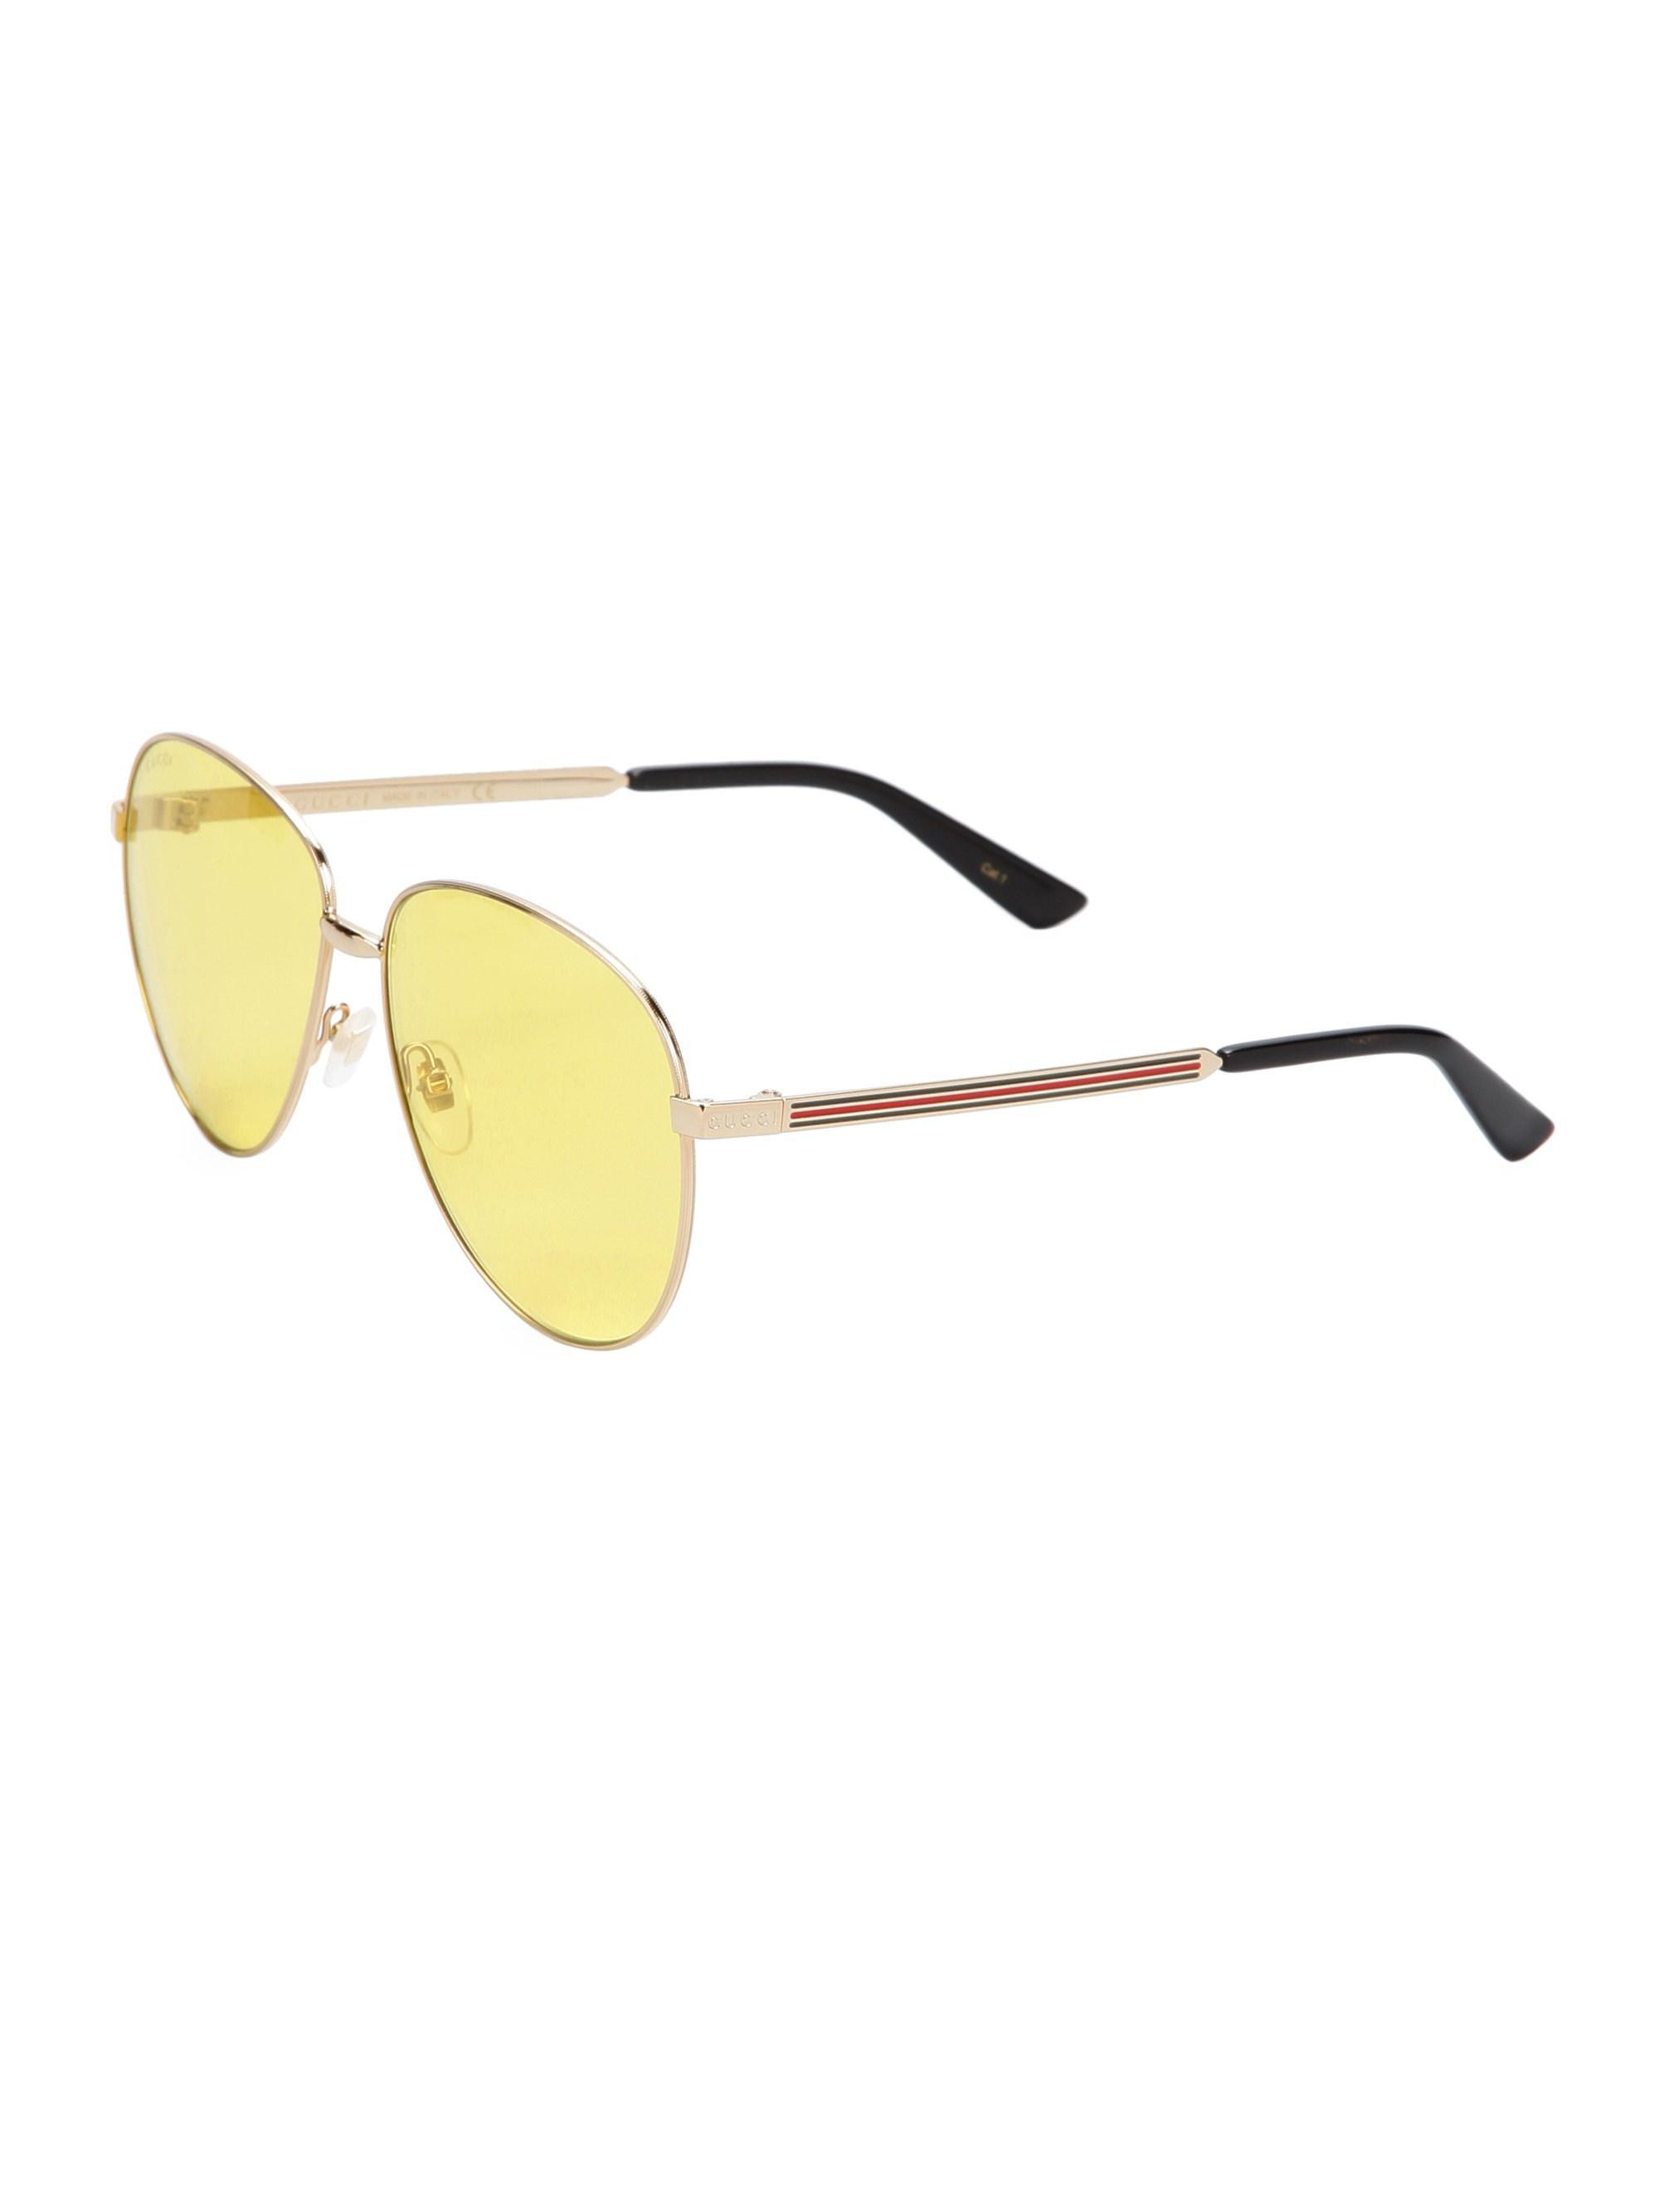 de64cb4b99b7e Gucci - Metallic Men s 61mm Metal Sunglasses - Gold for Men - Lyst. View  fullscreen